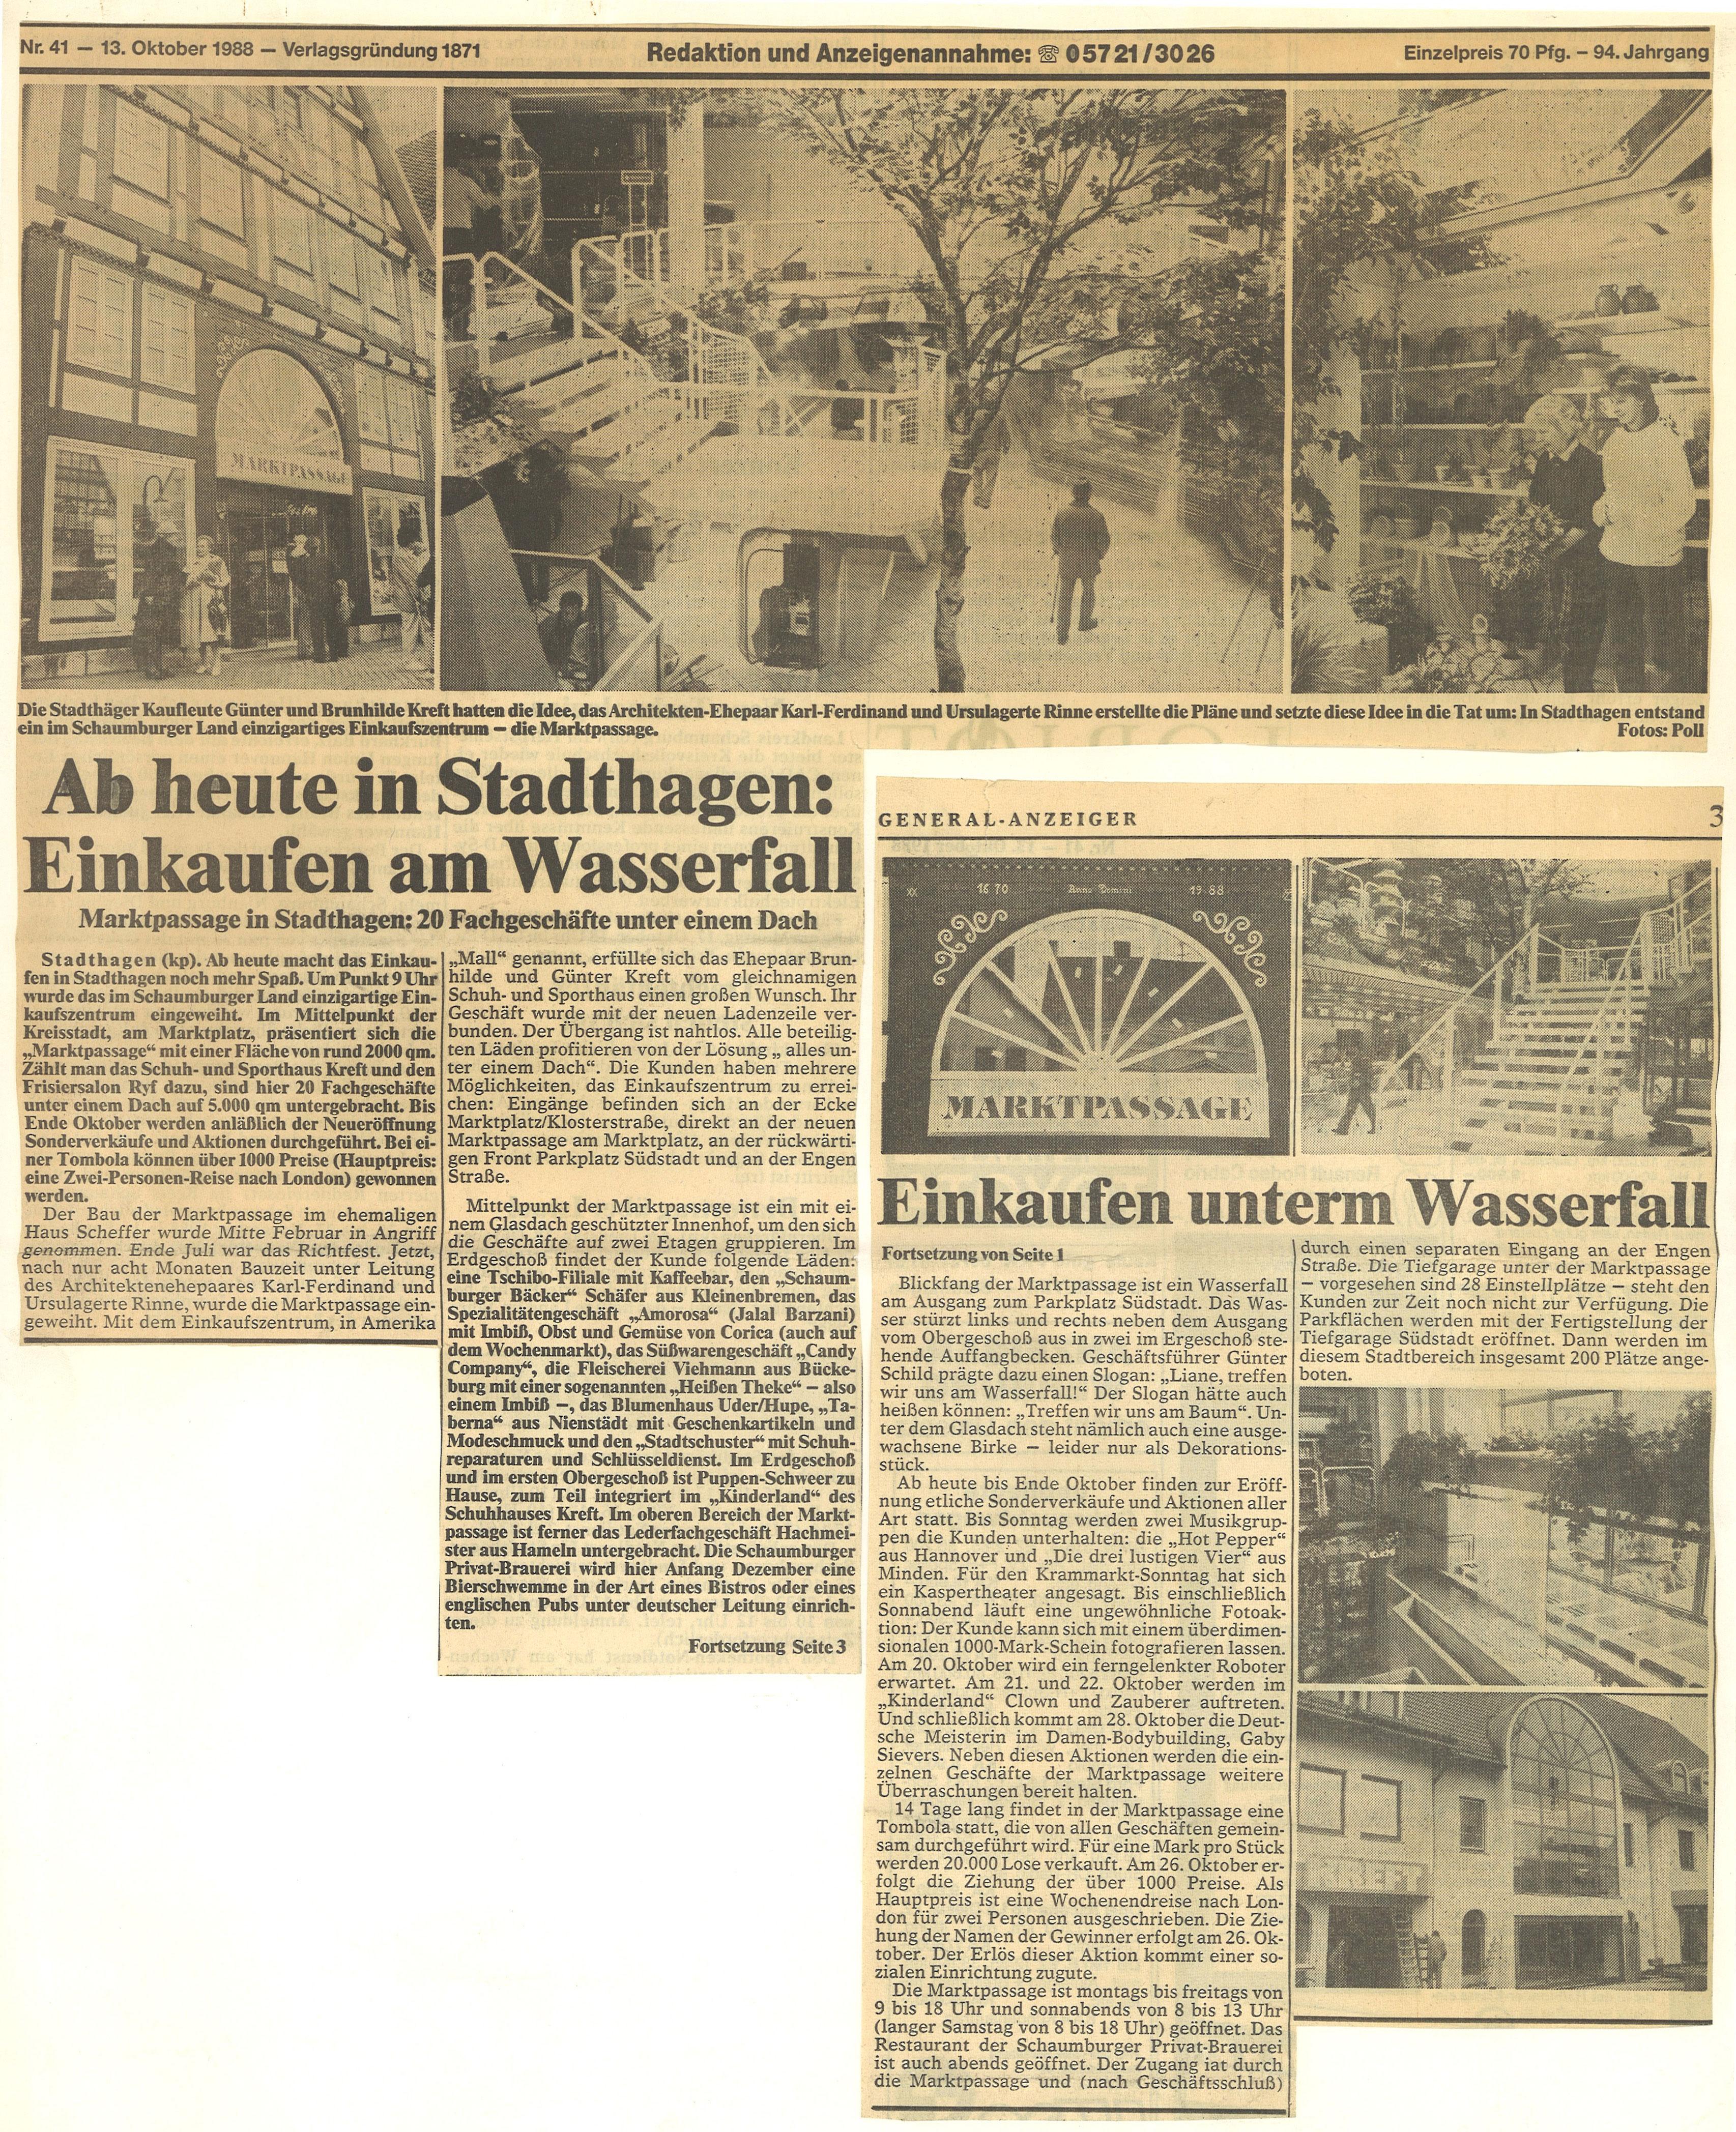 General-Anzeiger-1988-Oktober-13-Einkaufen-unterm-Wasserfall